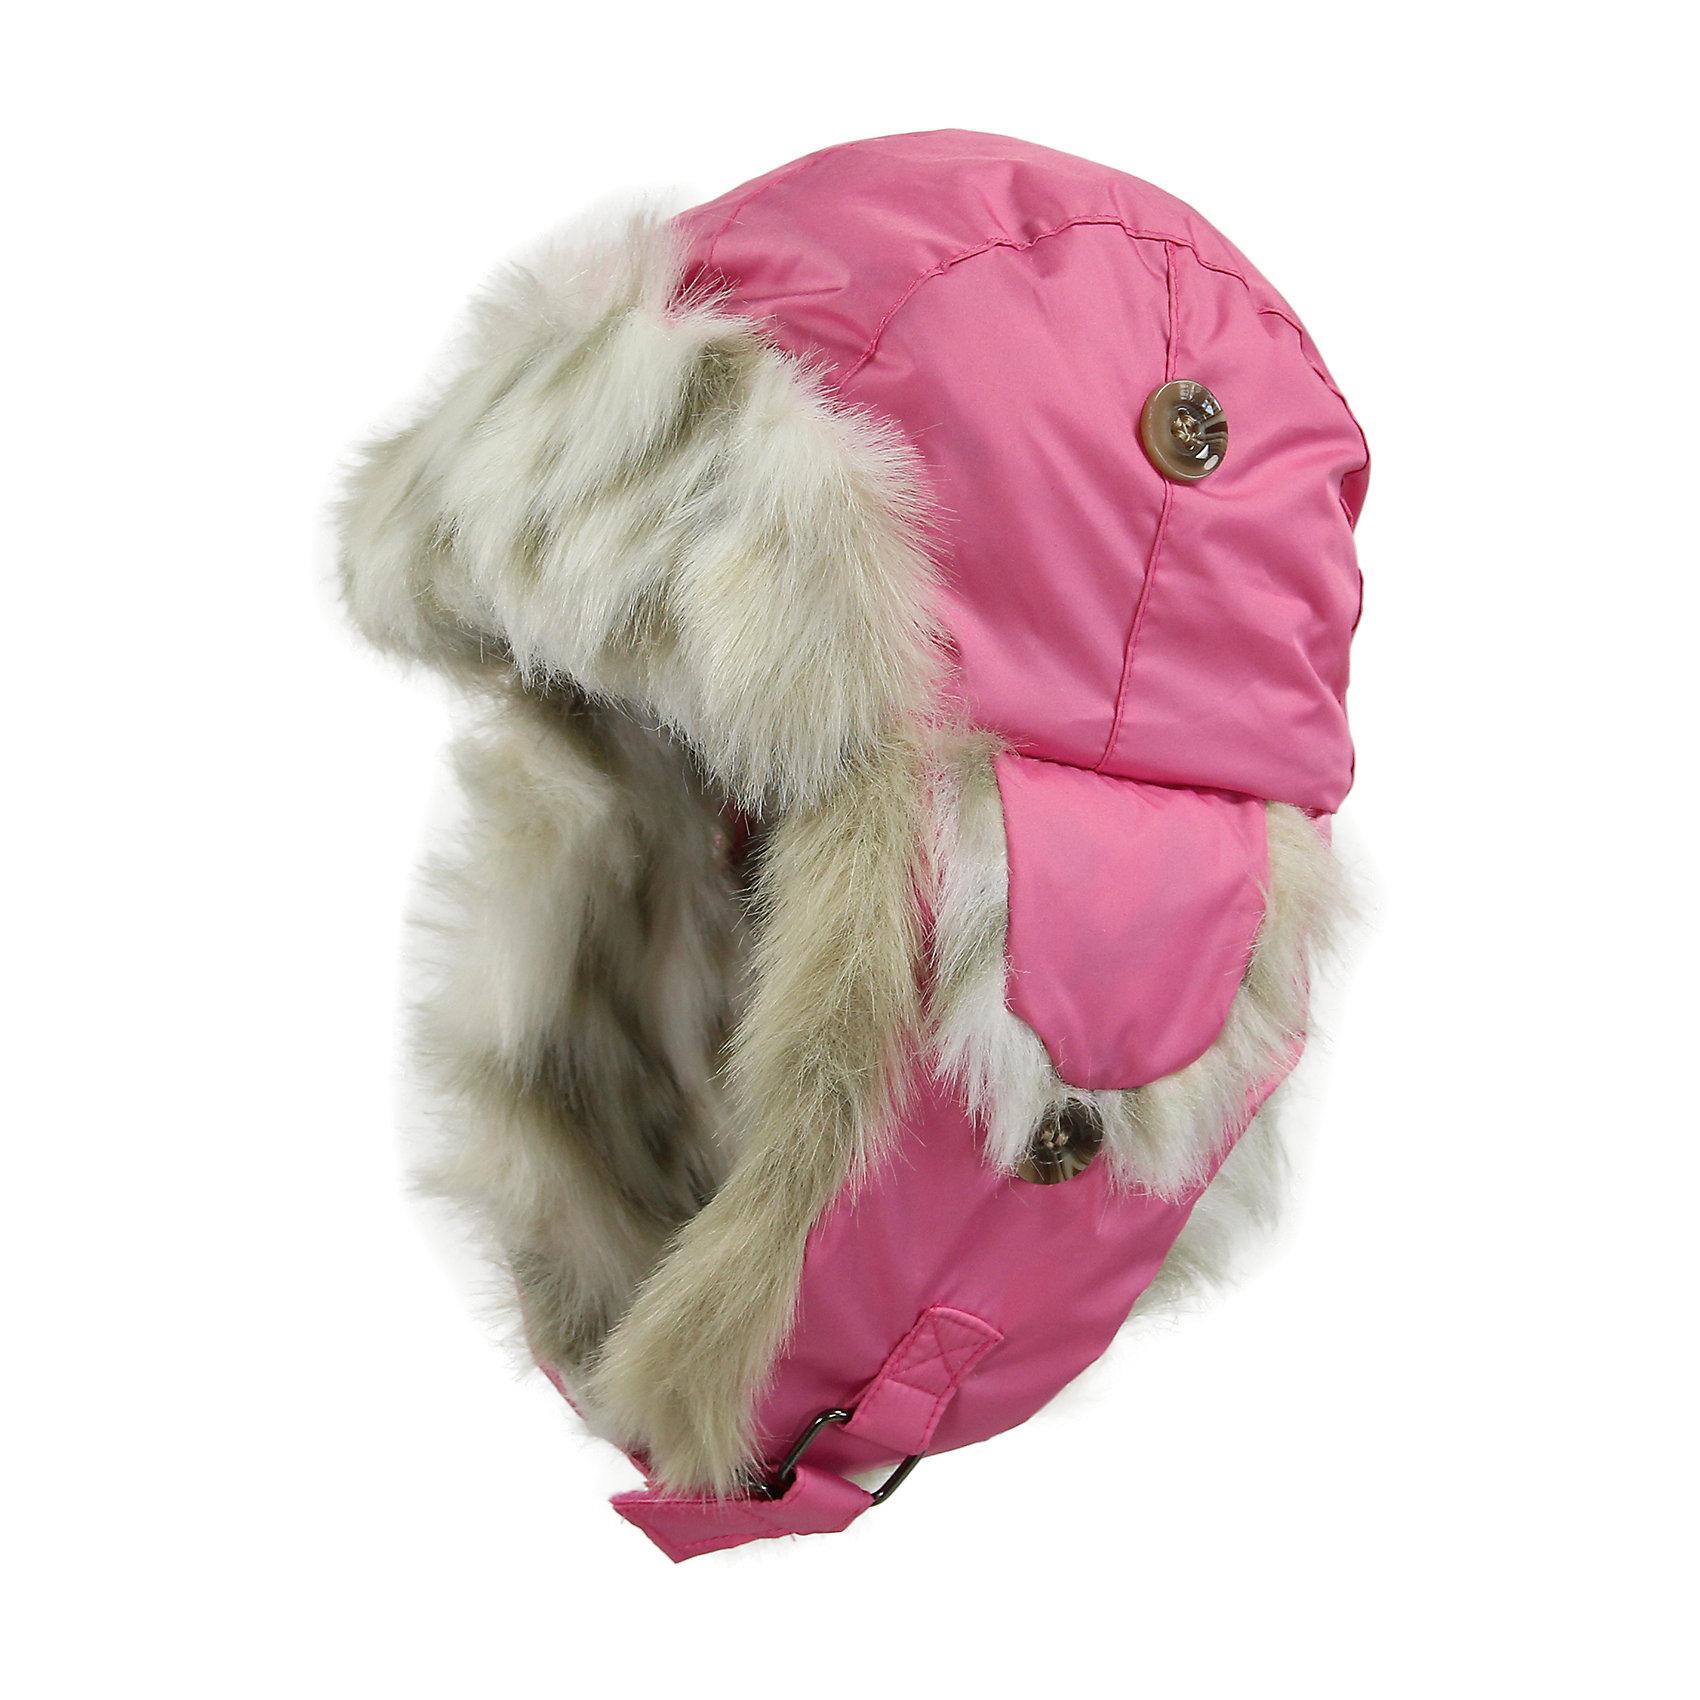 Шапка для девочки HuppaШапочки<br>Зимняя шапка ярких цветов с легким ватином для малышей. У шапки подкладка из искусственного меха (80% акрила, 20% полиэстера) и дышащая - водоотталкивающая мягкая ткань из полиэстера. Для удобства ношения у шапки регулируемая верхняя часть и закрепляющиеся липучкой под подбородком клапаны. Клапаны шапки можно закрепить на макушке, приспосабливая для себя. <br><br>Шапку для девочки Huppa (Хуппа) можно купить в нашем магазине.<br><br>Ширина мм: 89<br>Глубина мм: 117<br>Высота мм: 44<br>Вес г: 155<br>Цвет: розовый<br>Возраст от месяцев: 2<br>Возраст до месяцев: 5<br>Пол: Женский<br>Возраст: Детский<br>Размер: 39-43,47-49,51-53,43-45<br>SKU: 4243110